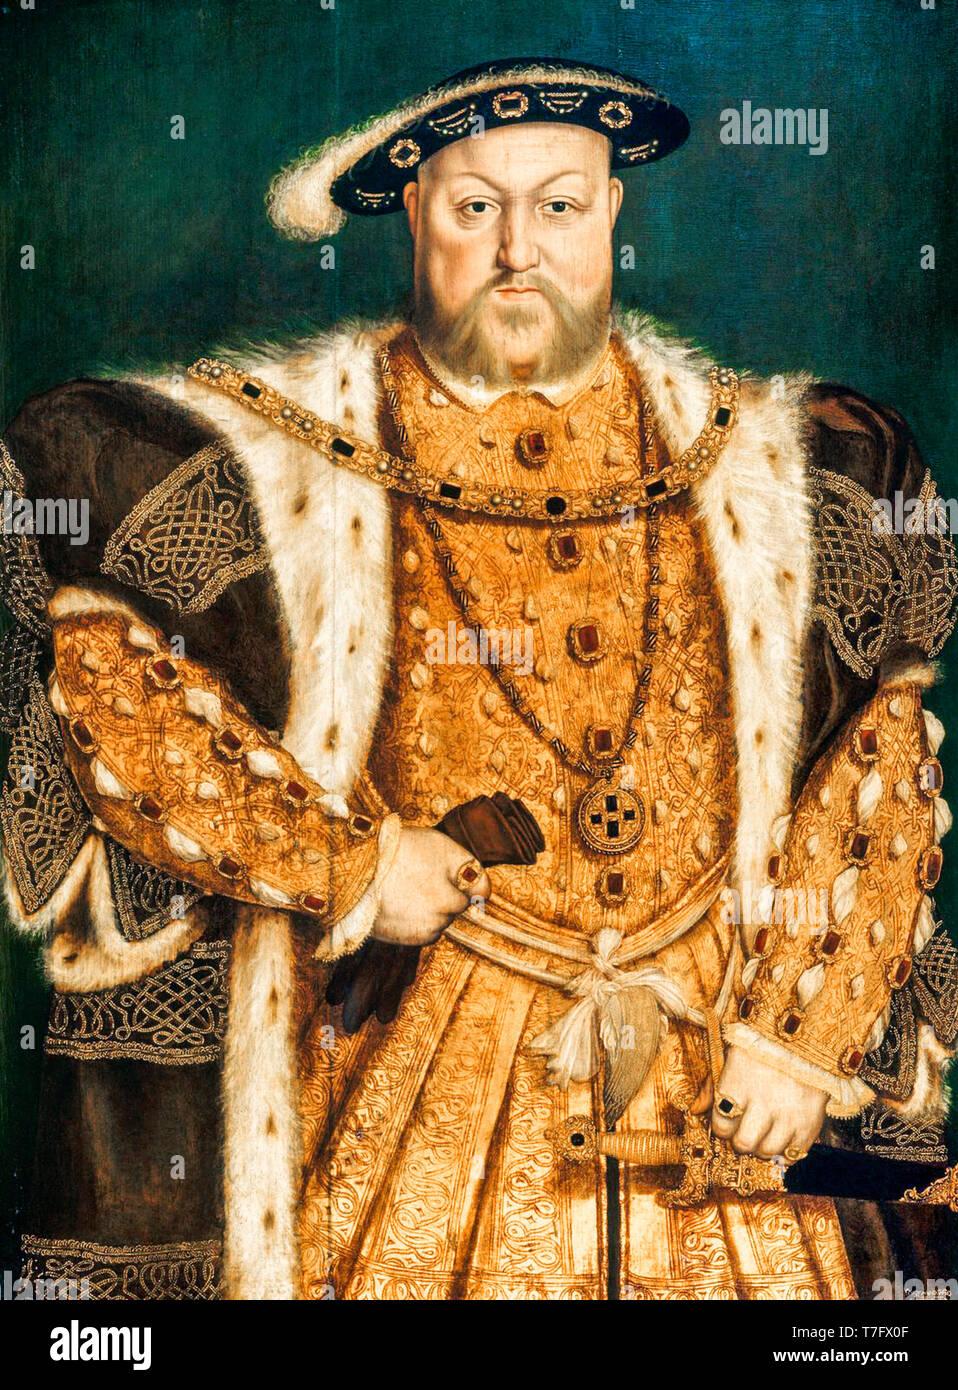 Portrait von Henry VIII (1491-1547), Malerei nach Hans Holbein, C. 1538 Stockfoto